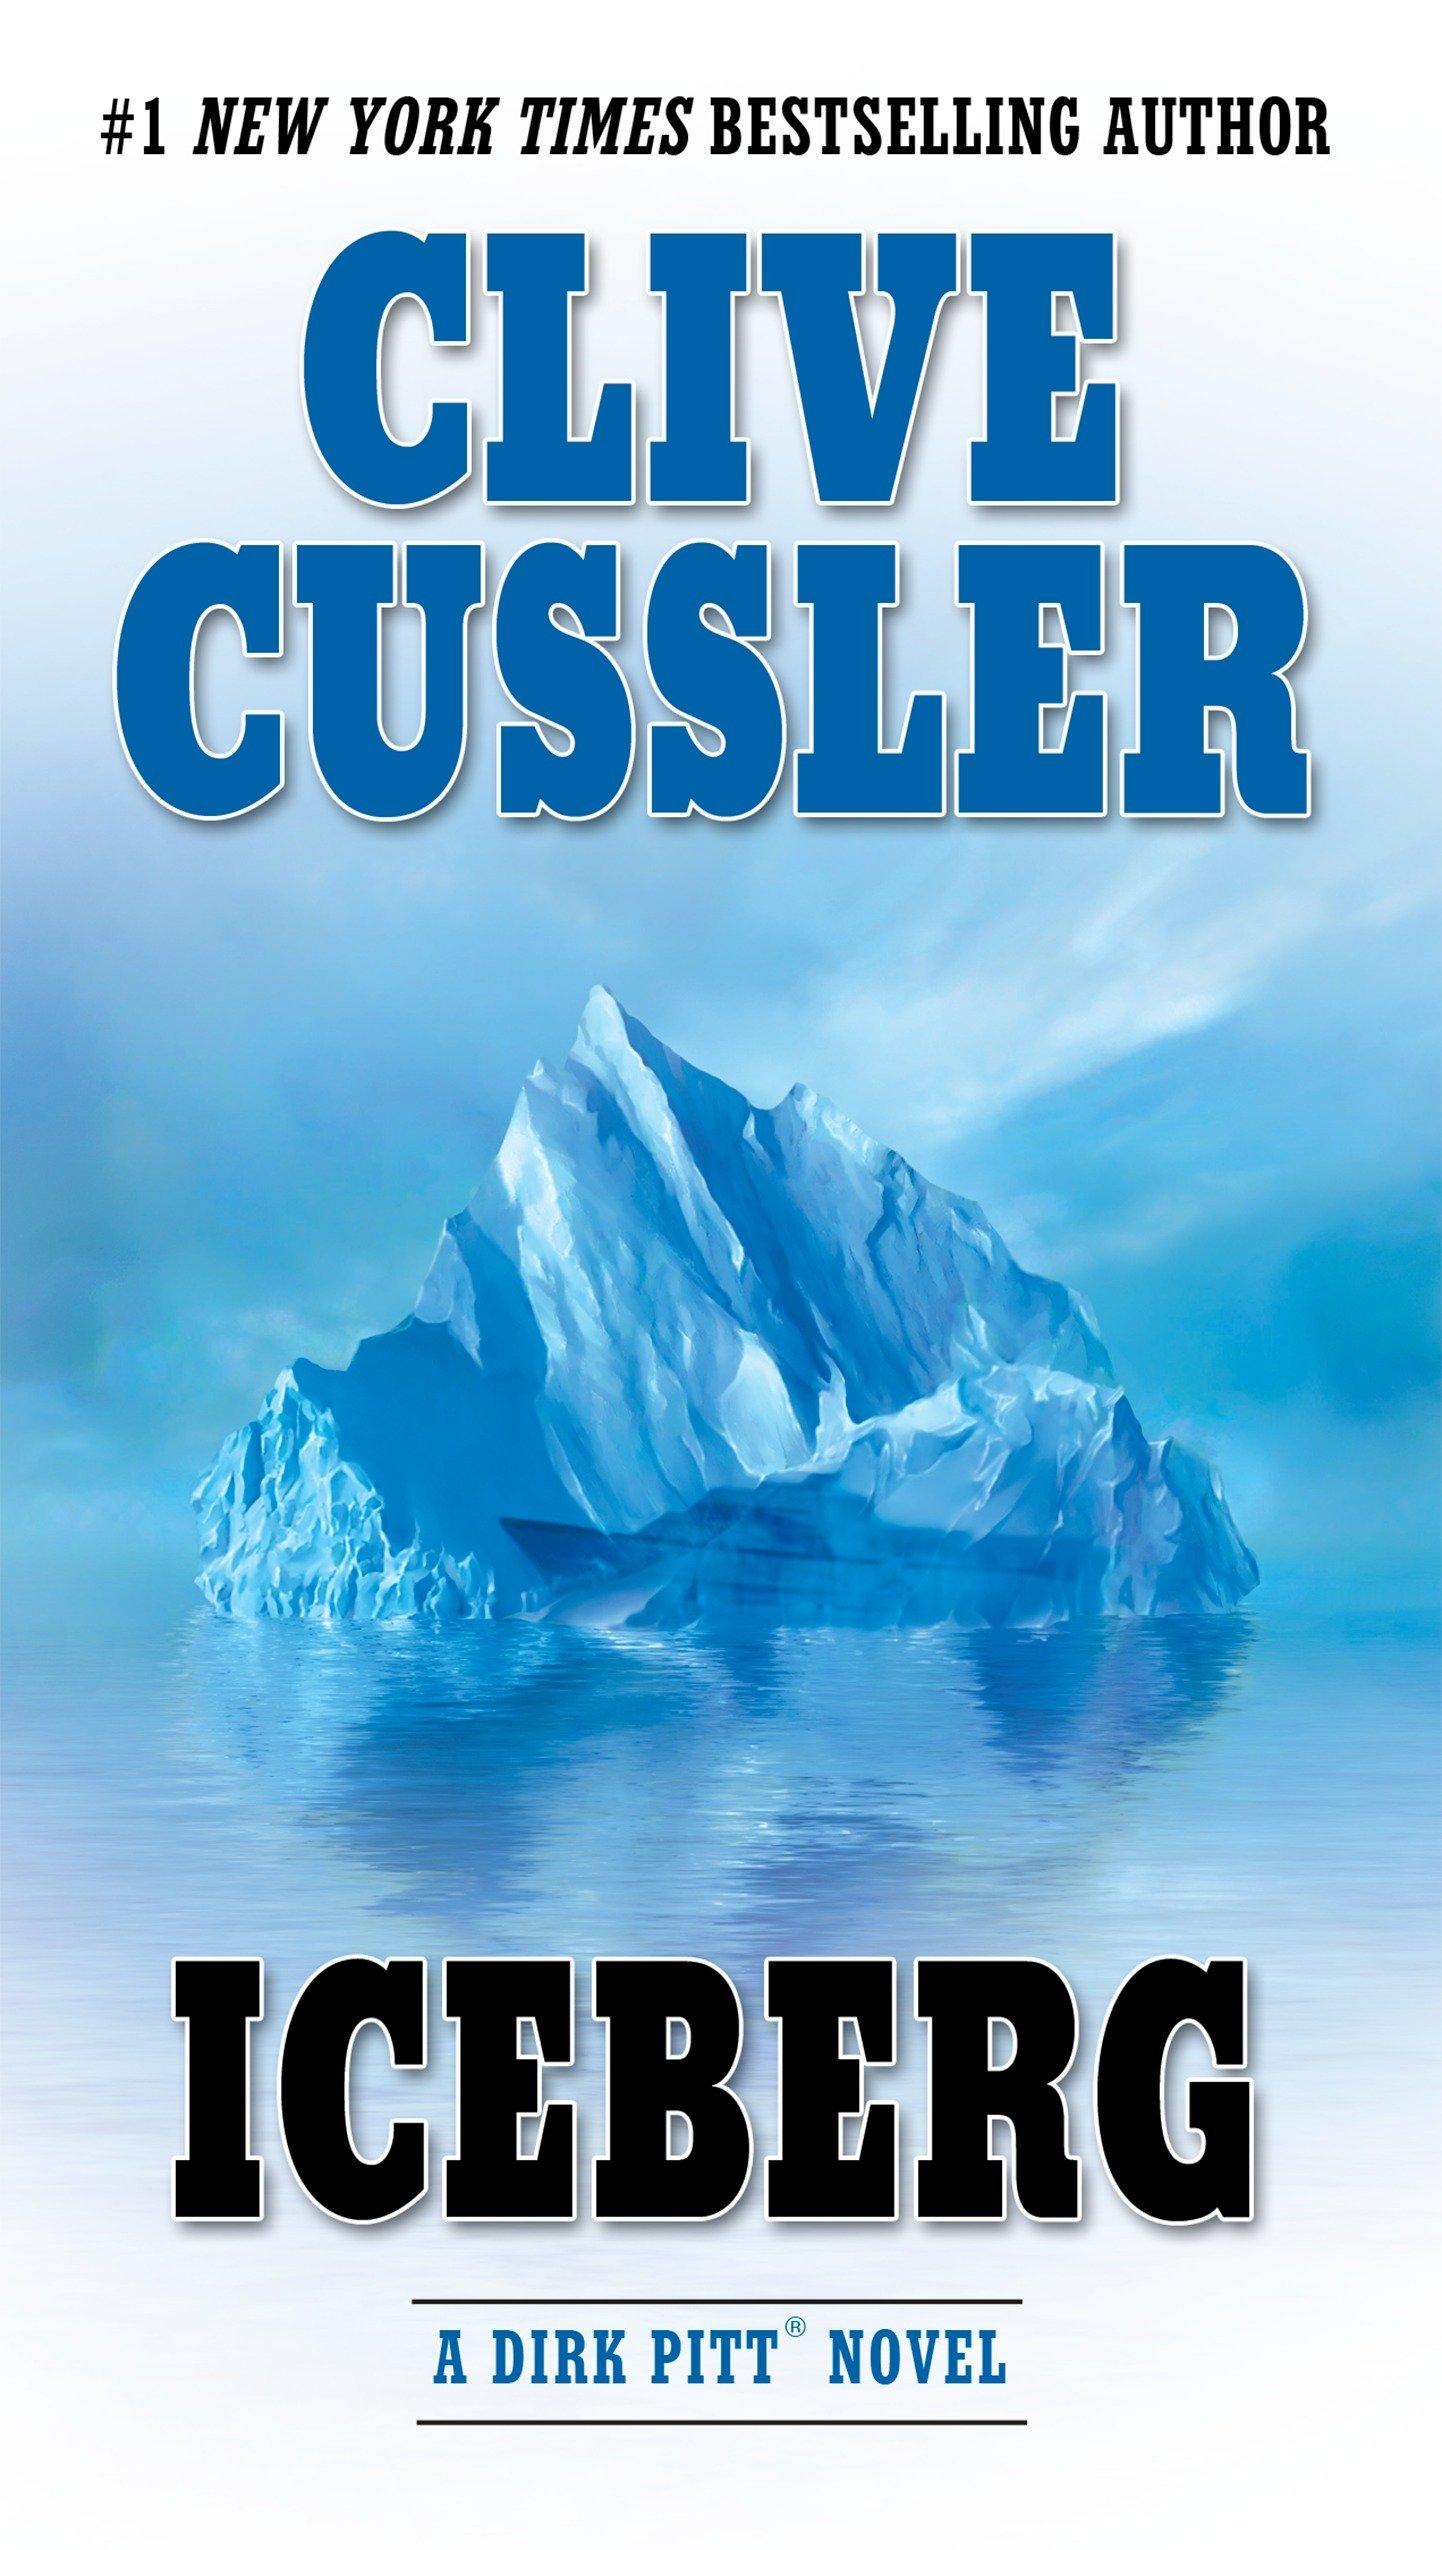 Amazon.com: Iceberg (Dirk Pitt Adventure) (9780425197387): Clive Cussler:  Books